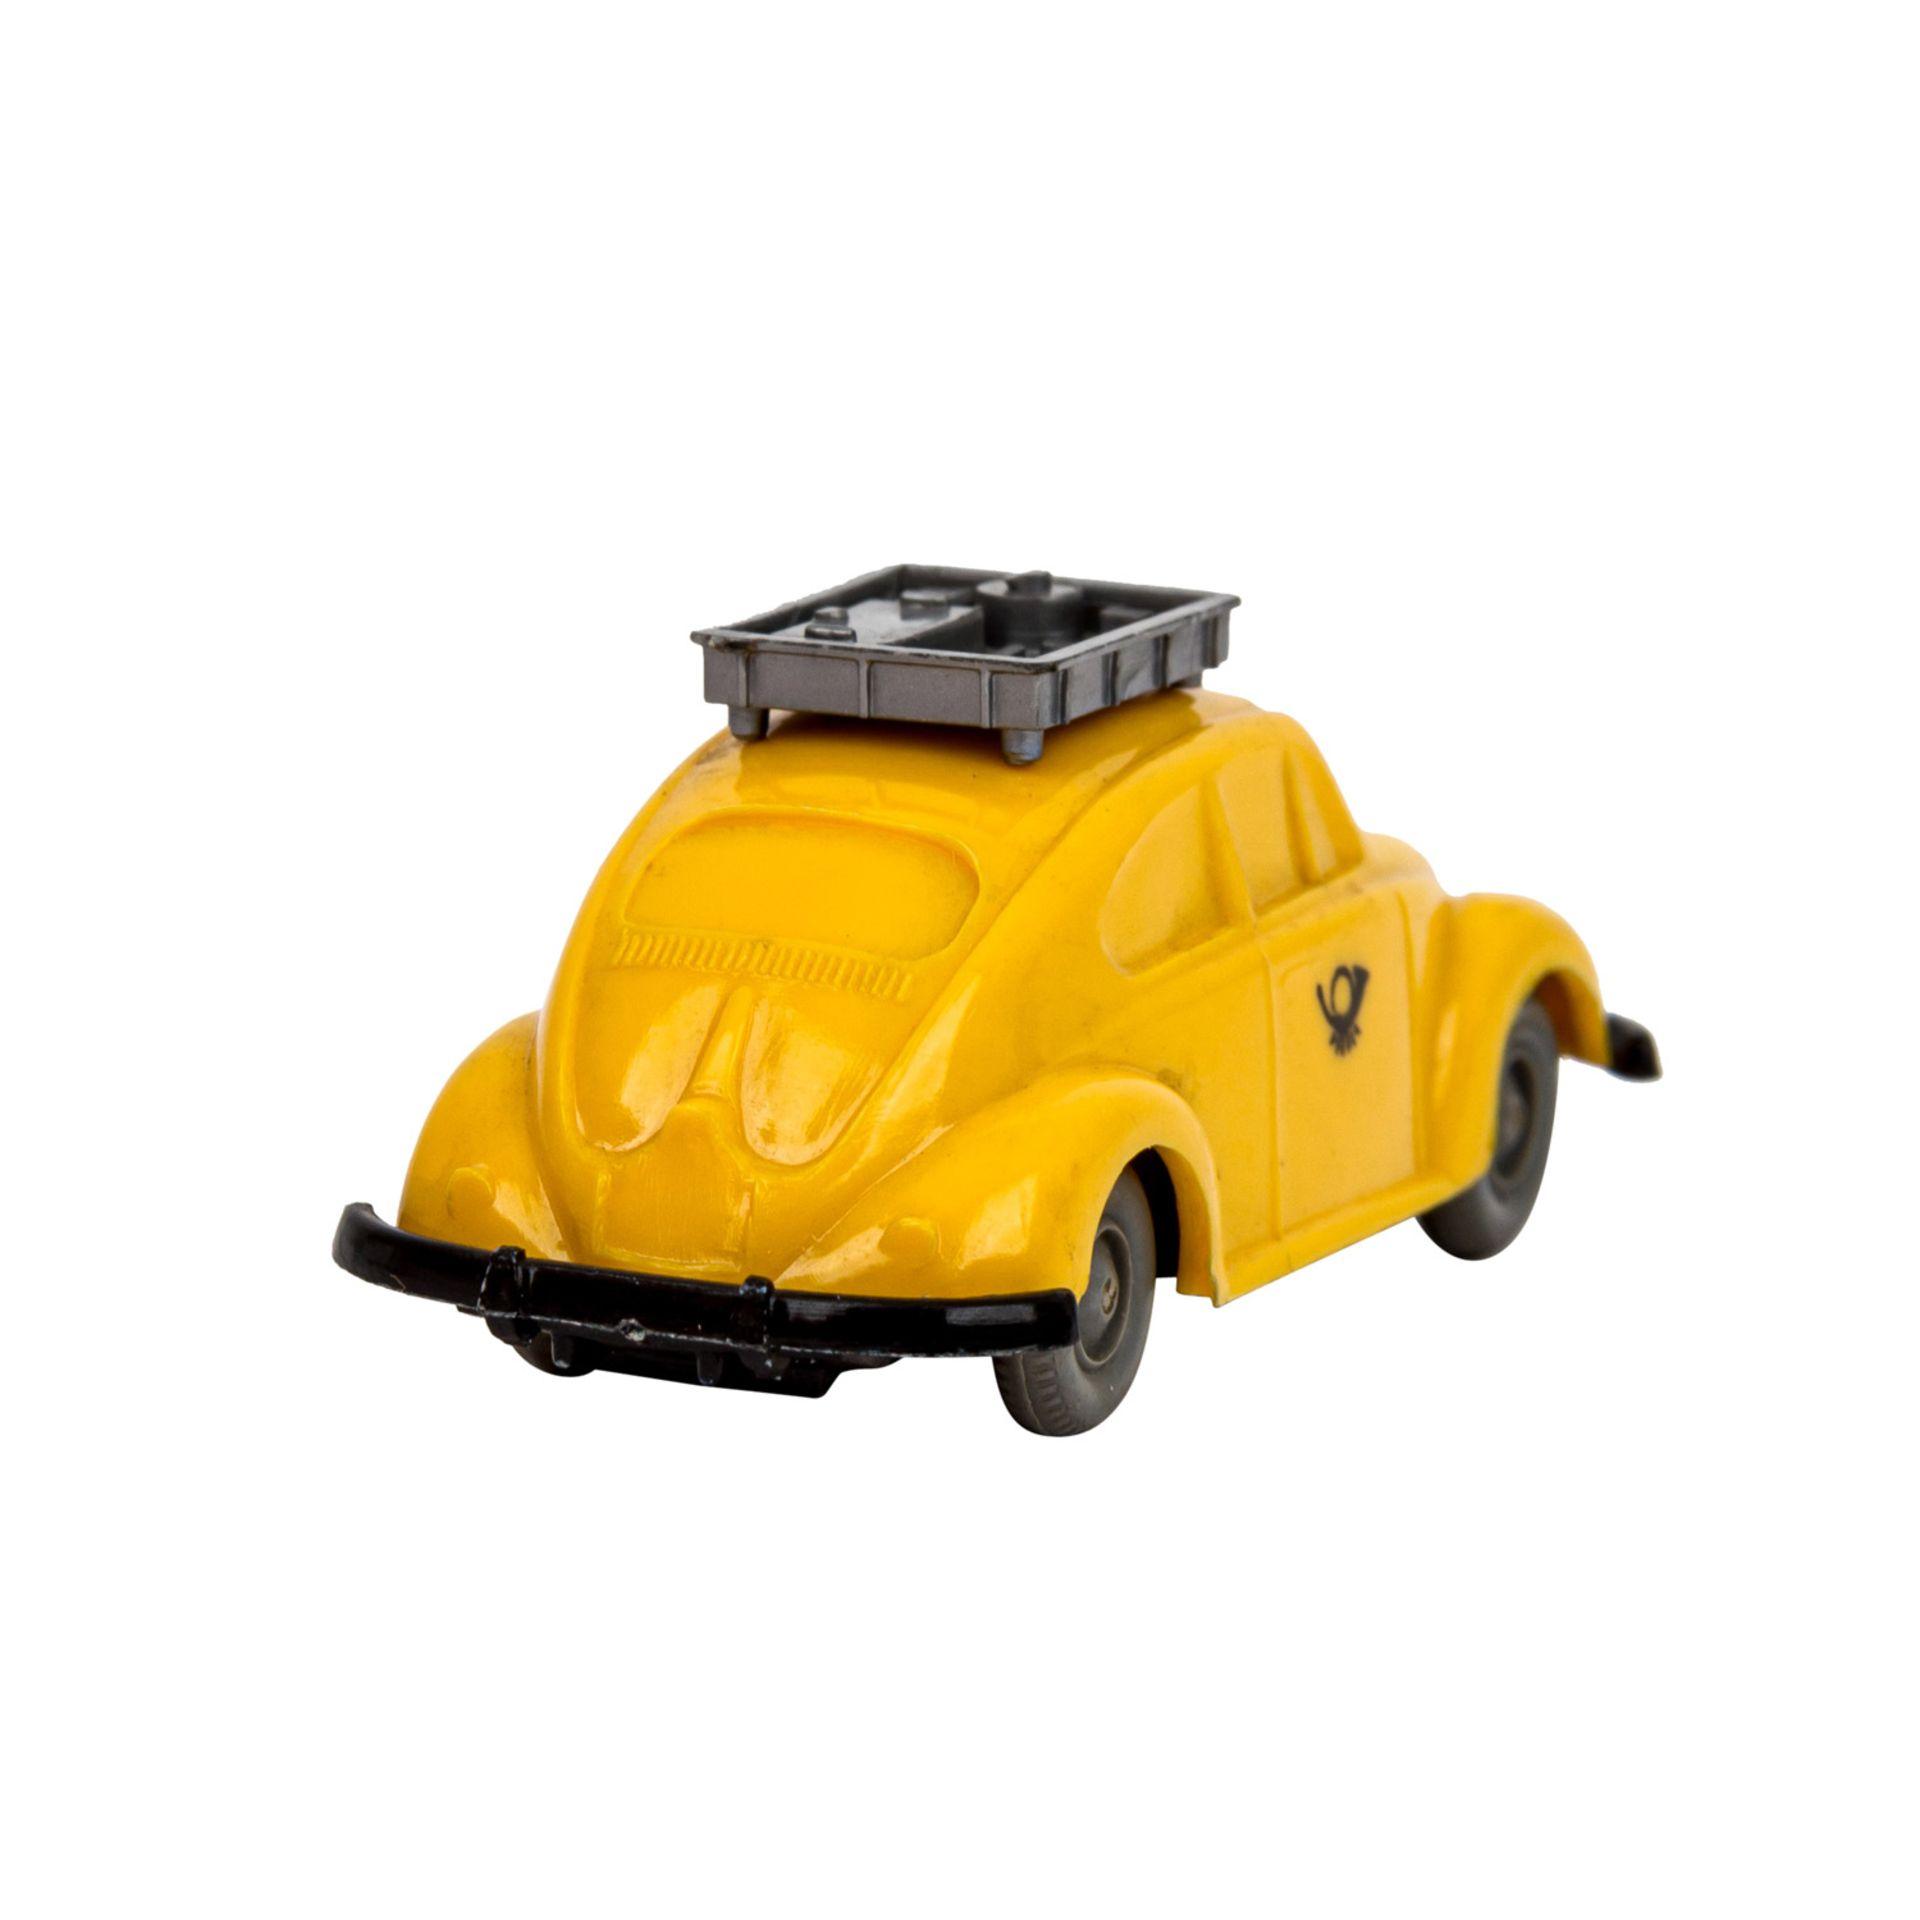 WIKING VW Käfer 'Postwagen', 1963-67,unverglaster Rollachser, gelbe Karosserie mit si - Image 3 of 5